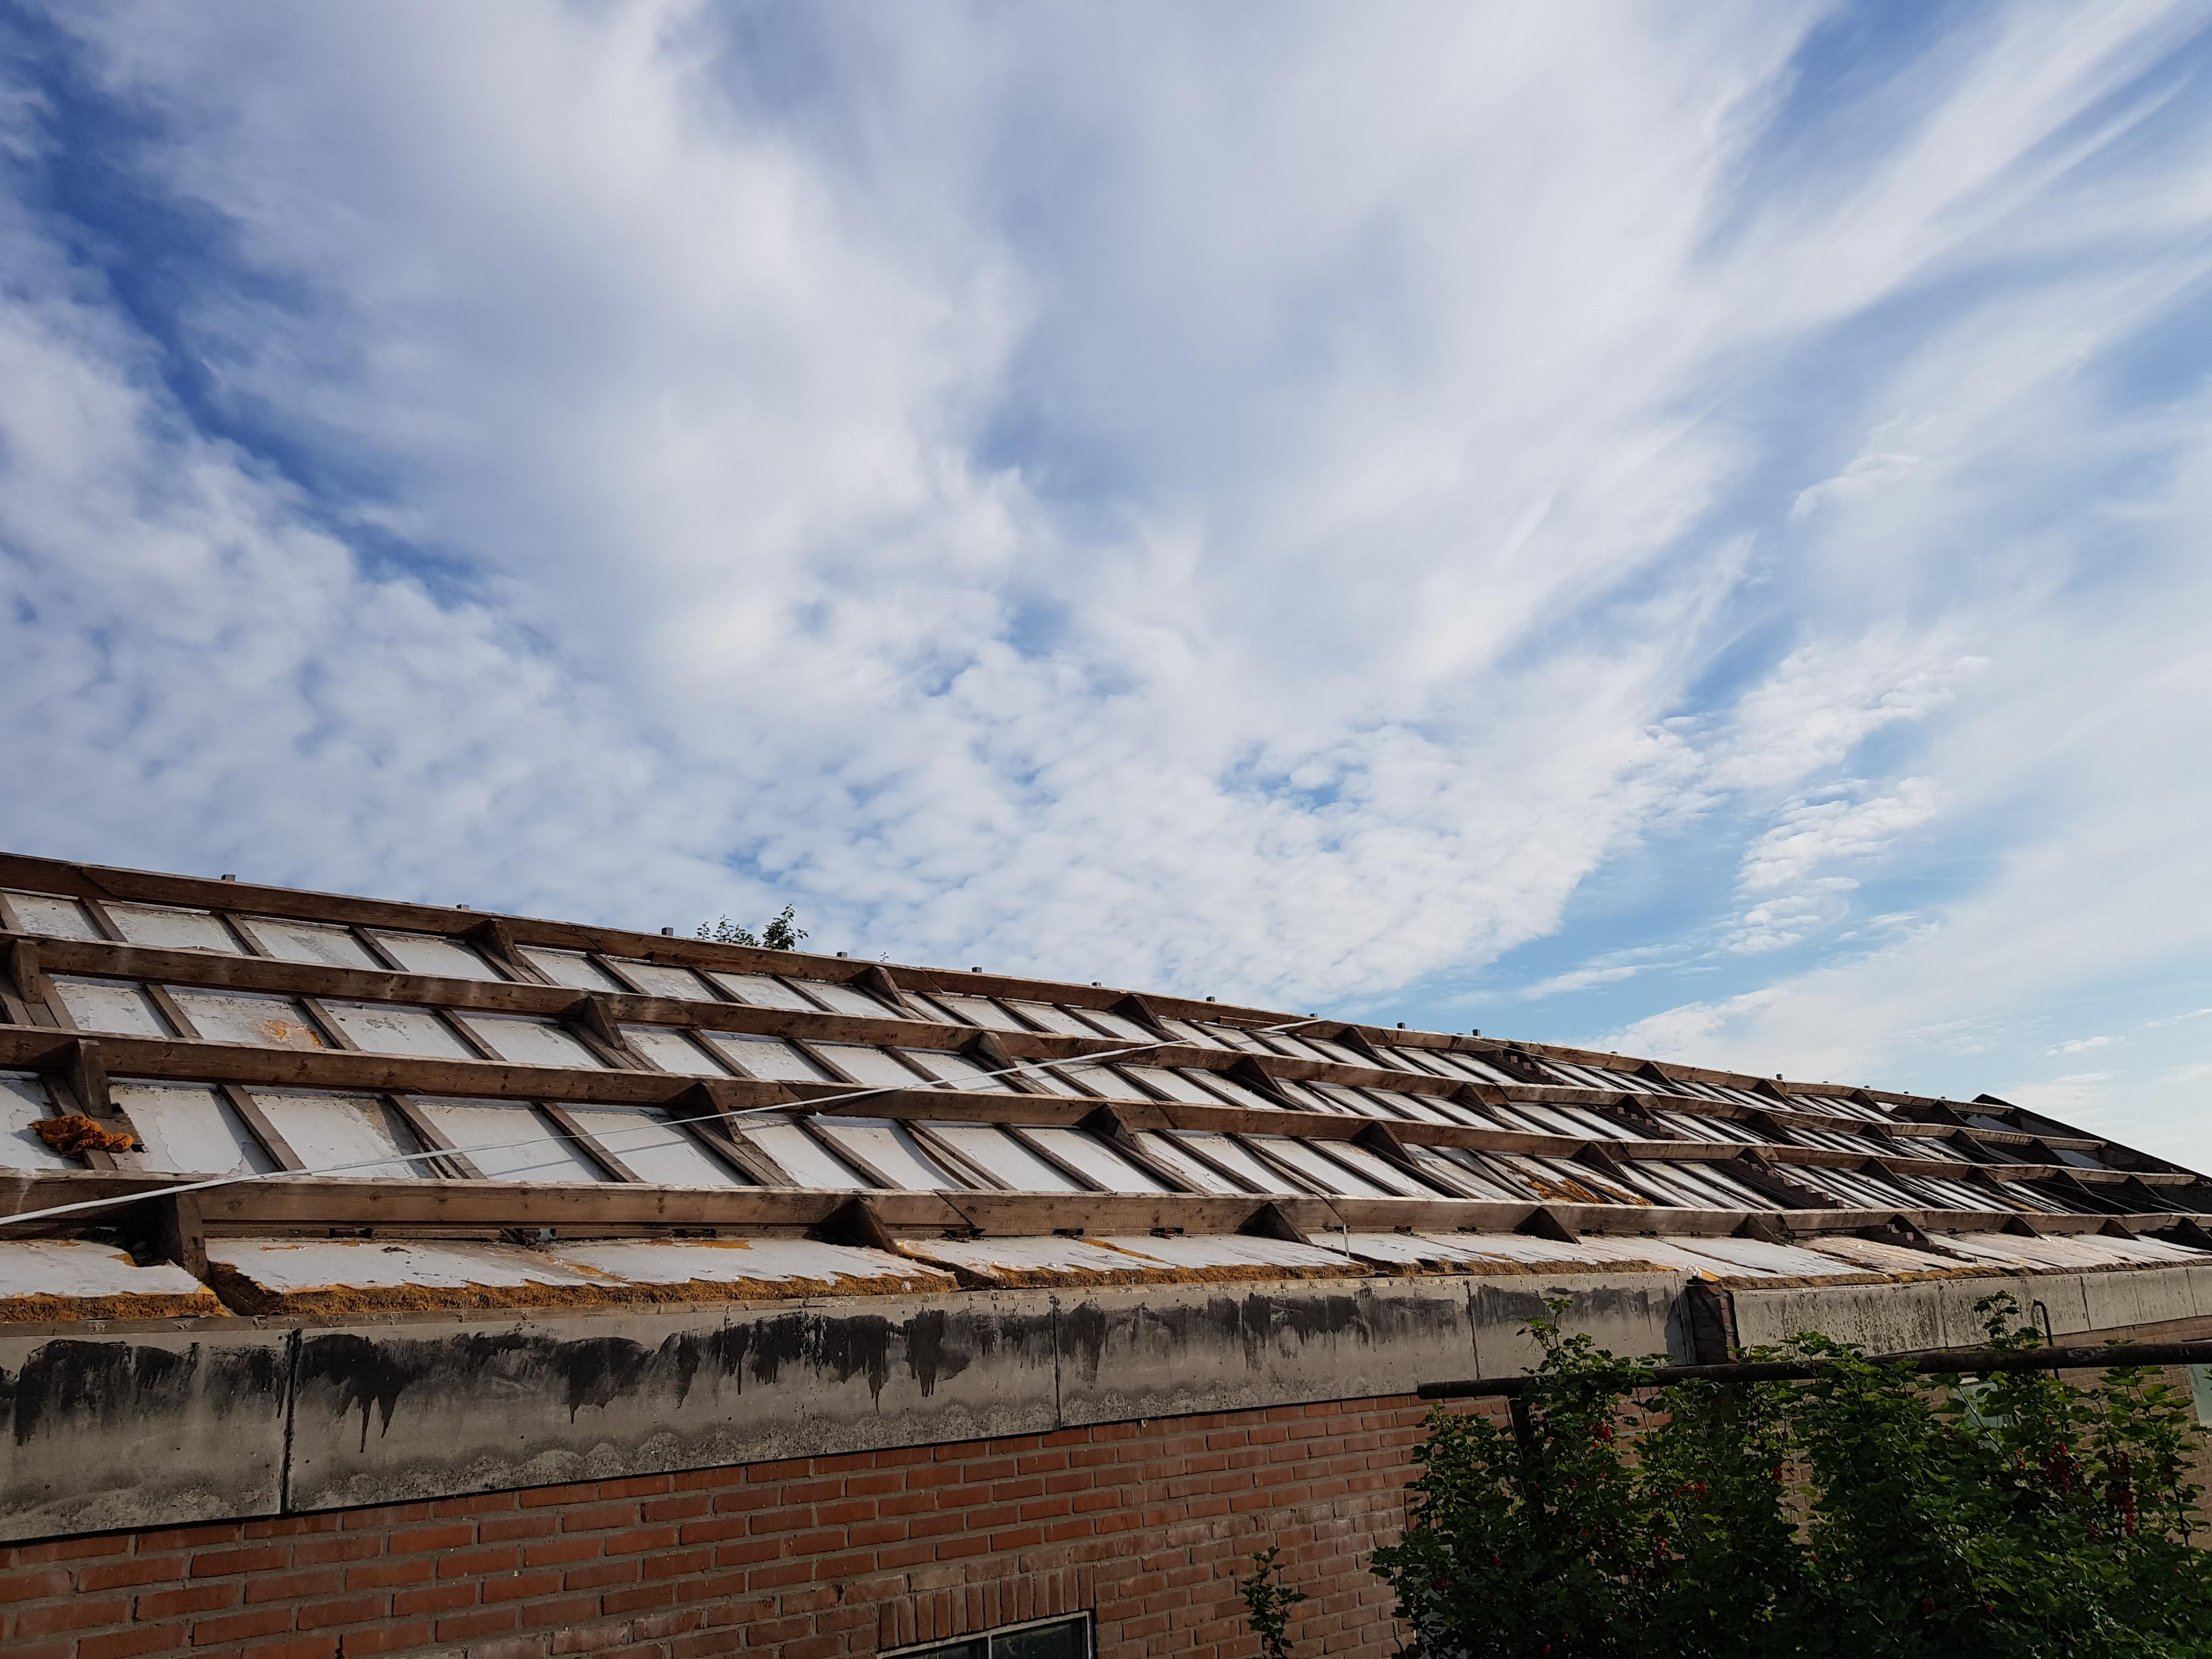 Verwijderen dakbedekking